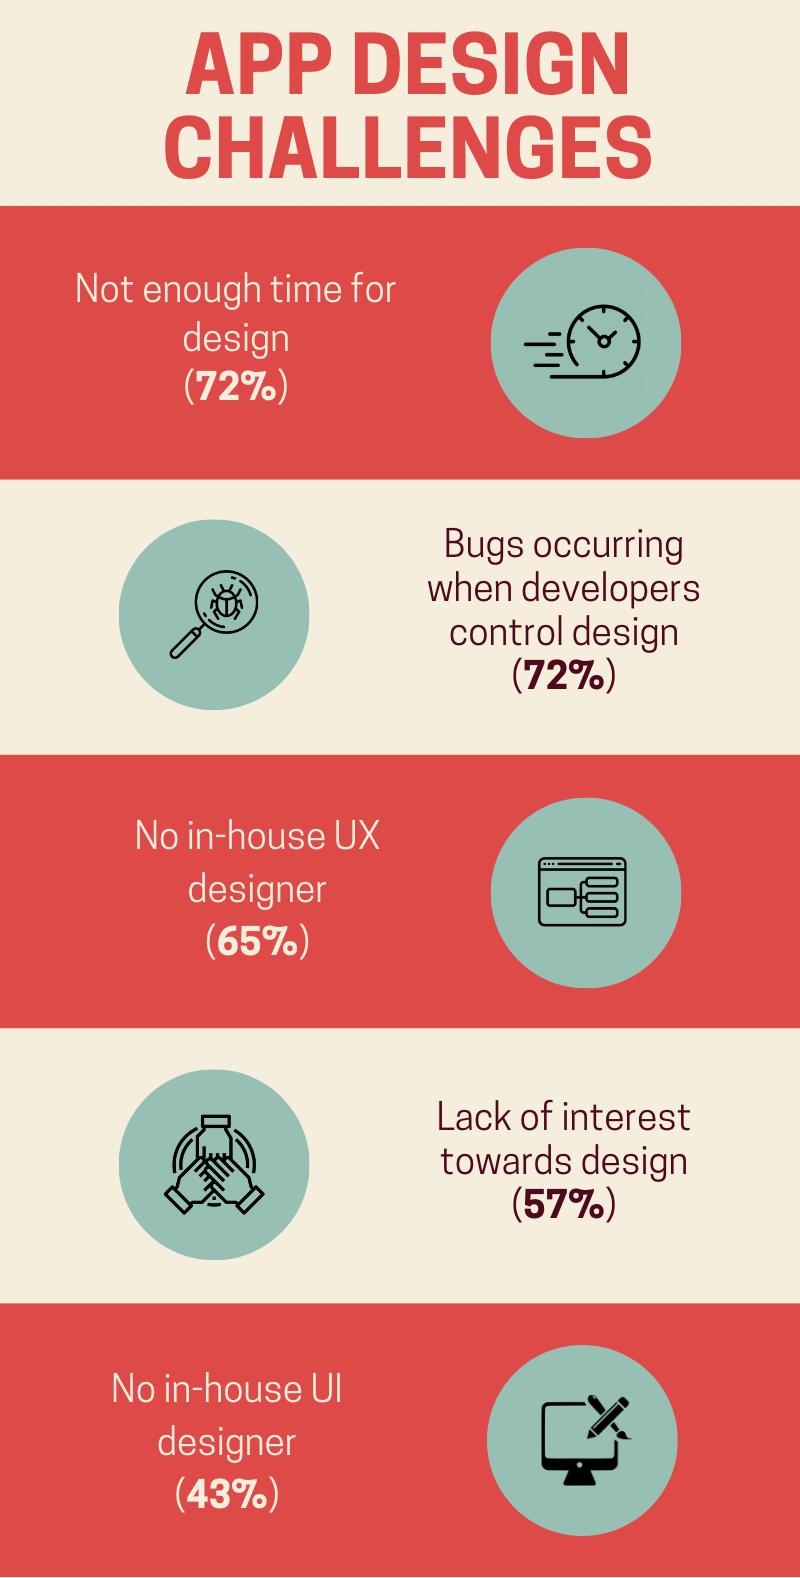 App design challenges in web app development